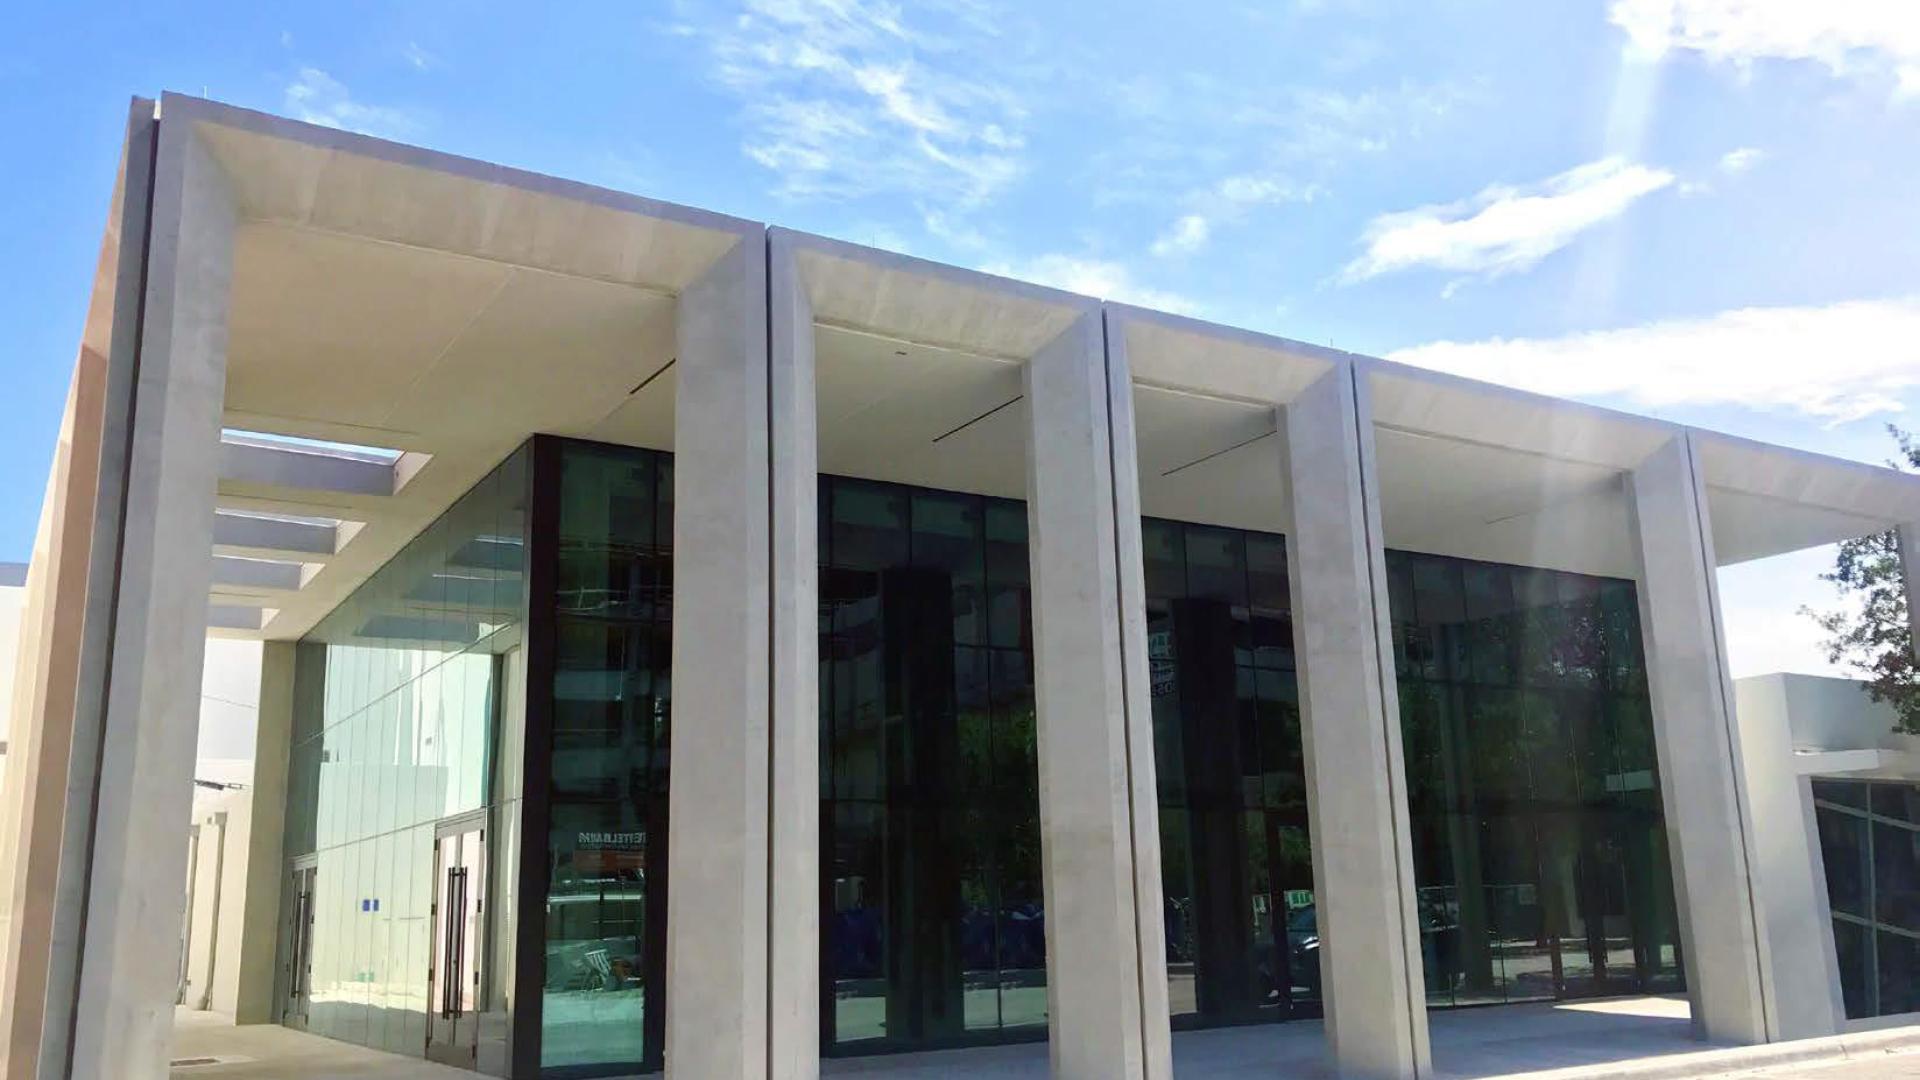 80 NE 40th St - Design District